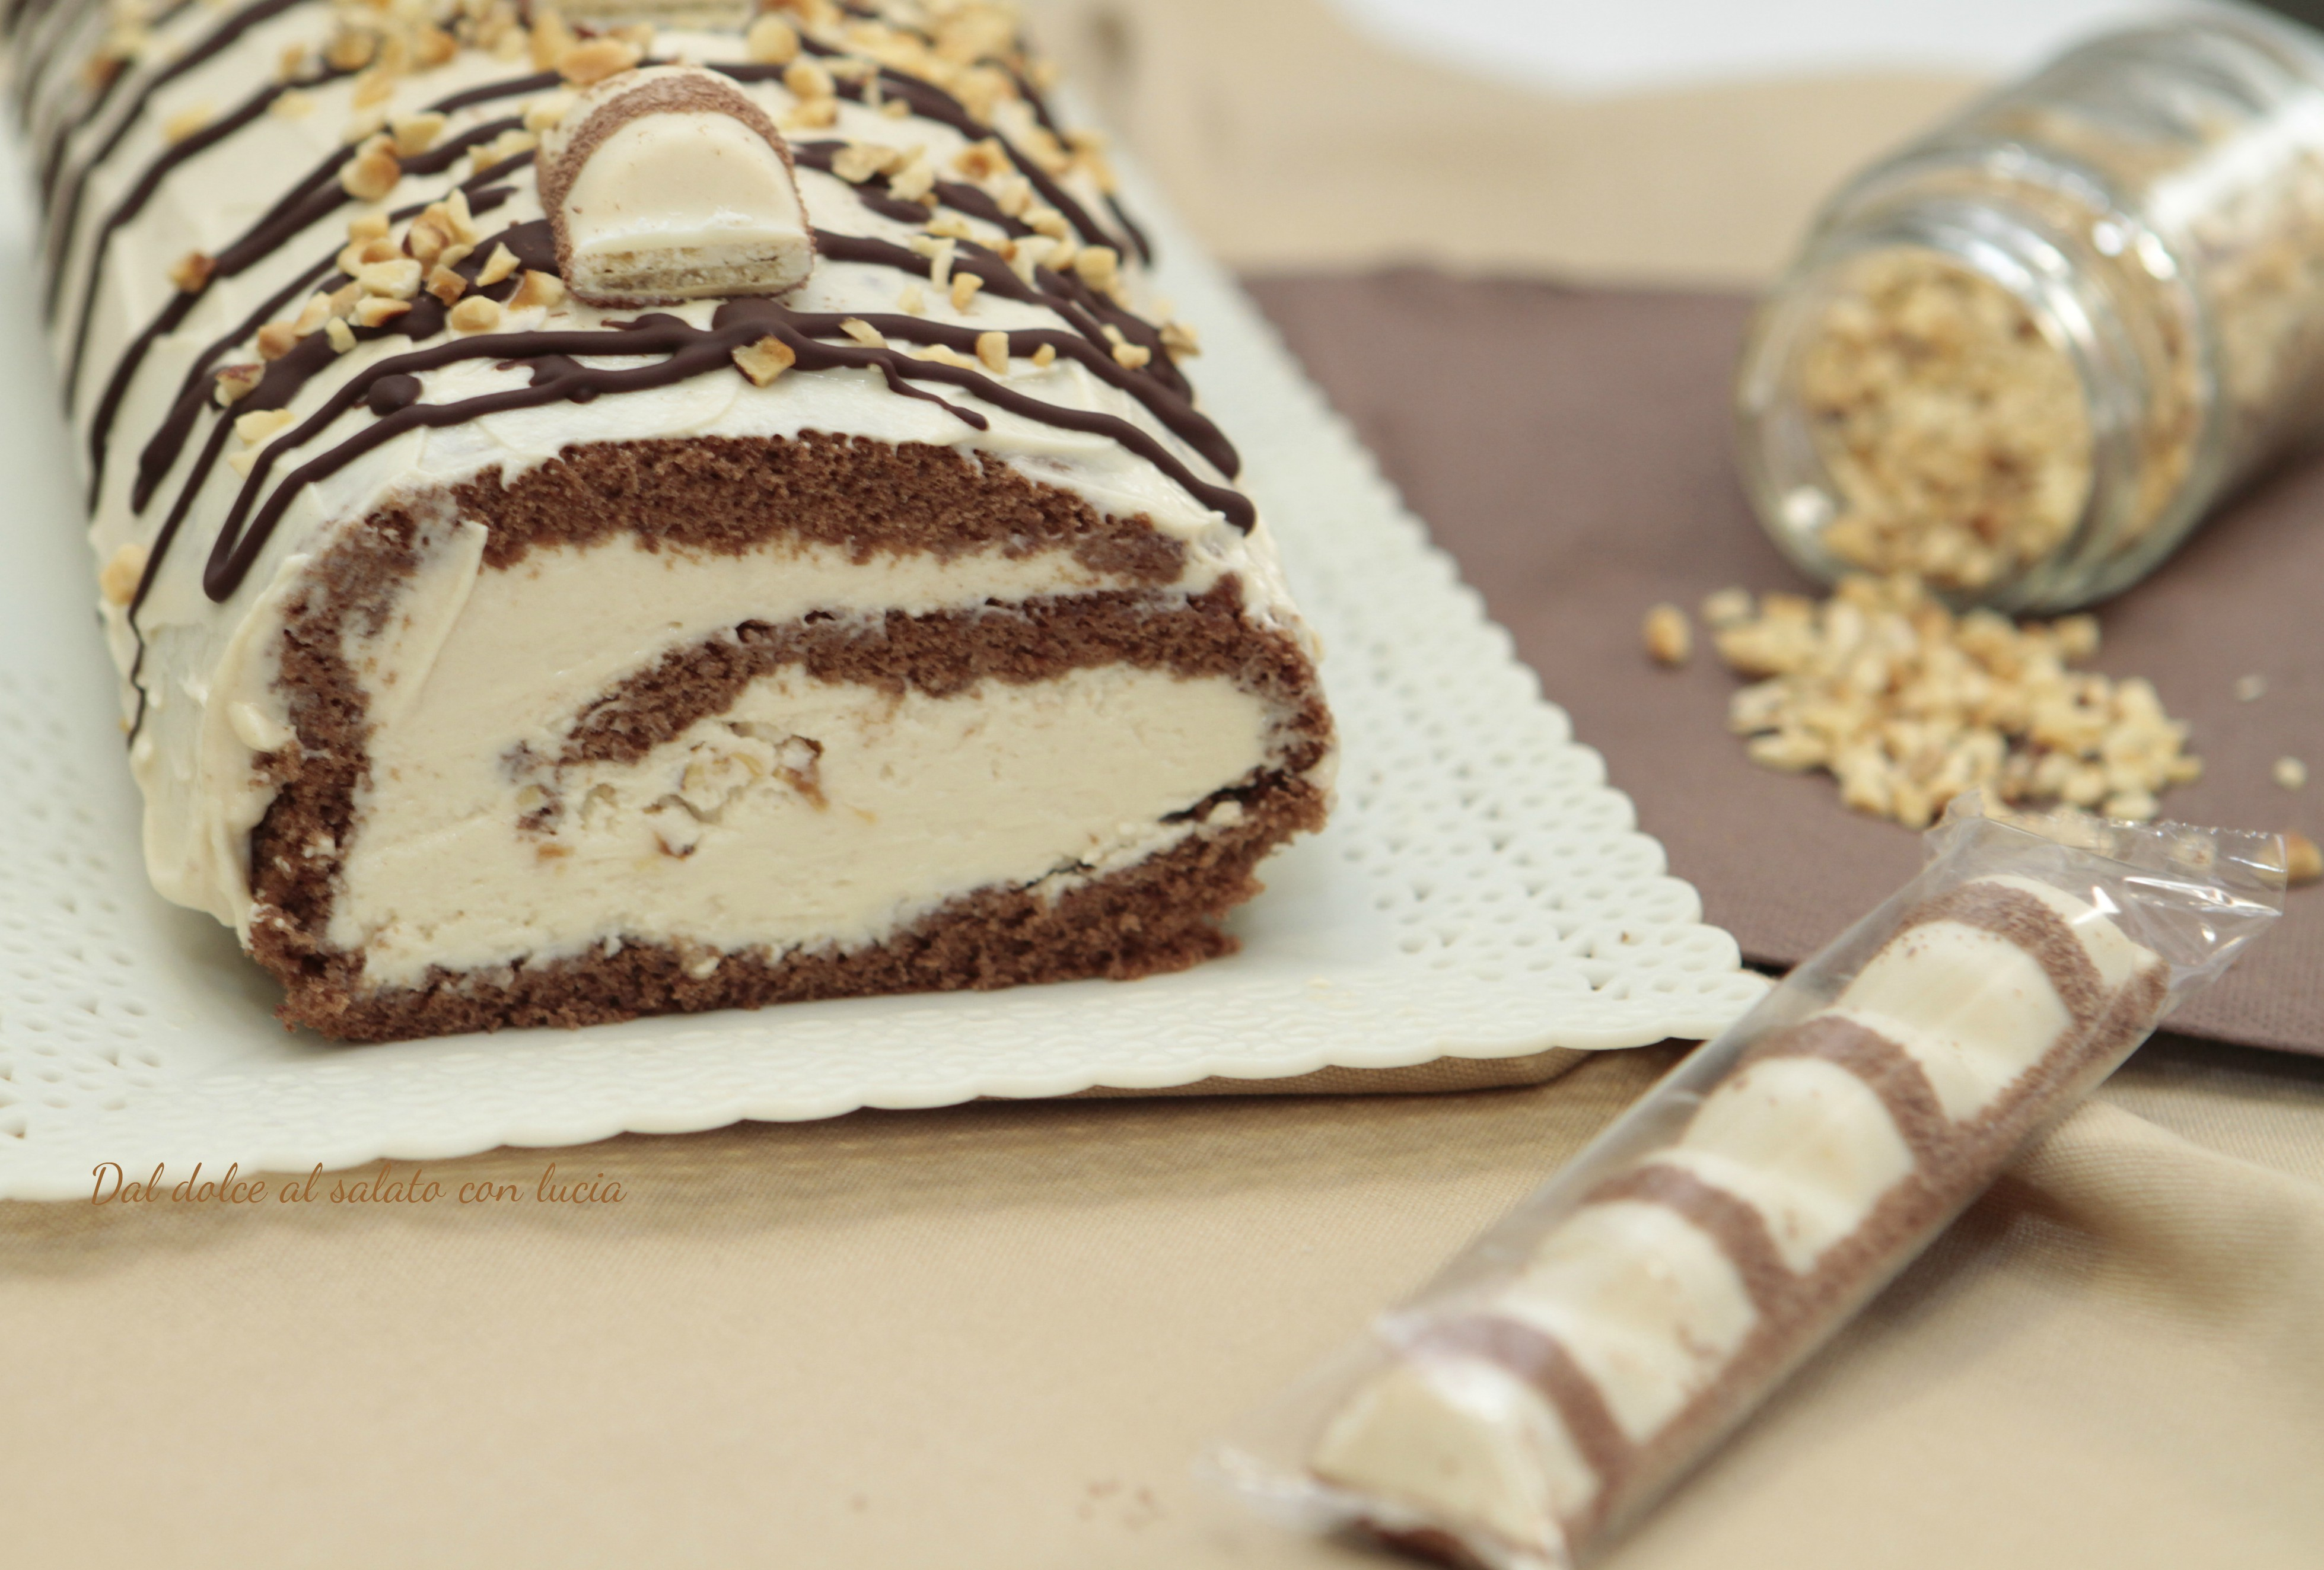 Dolci Da Credenza Biscotti Alle Nocciole : Rotolo kinder bueno dal dolce al salato con lucia